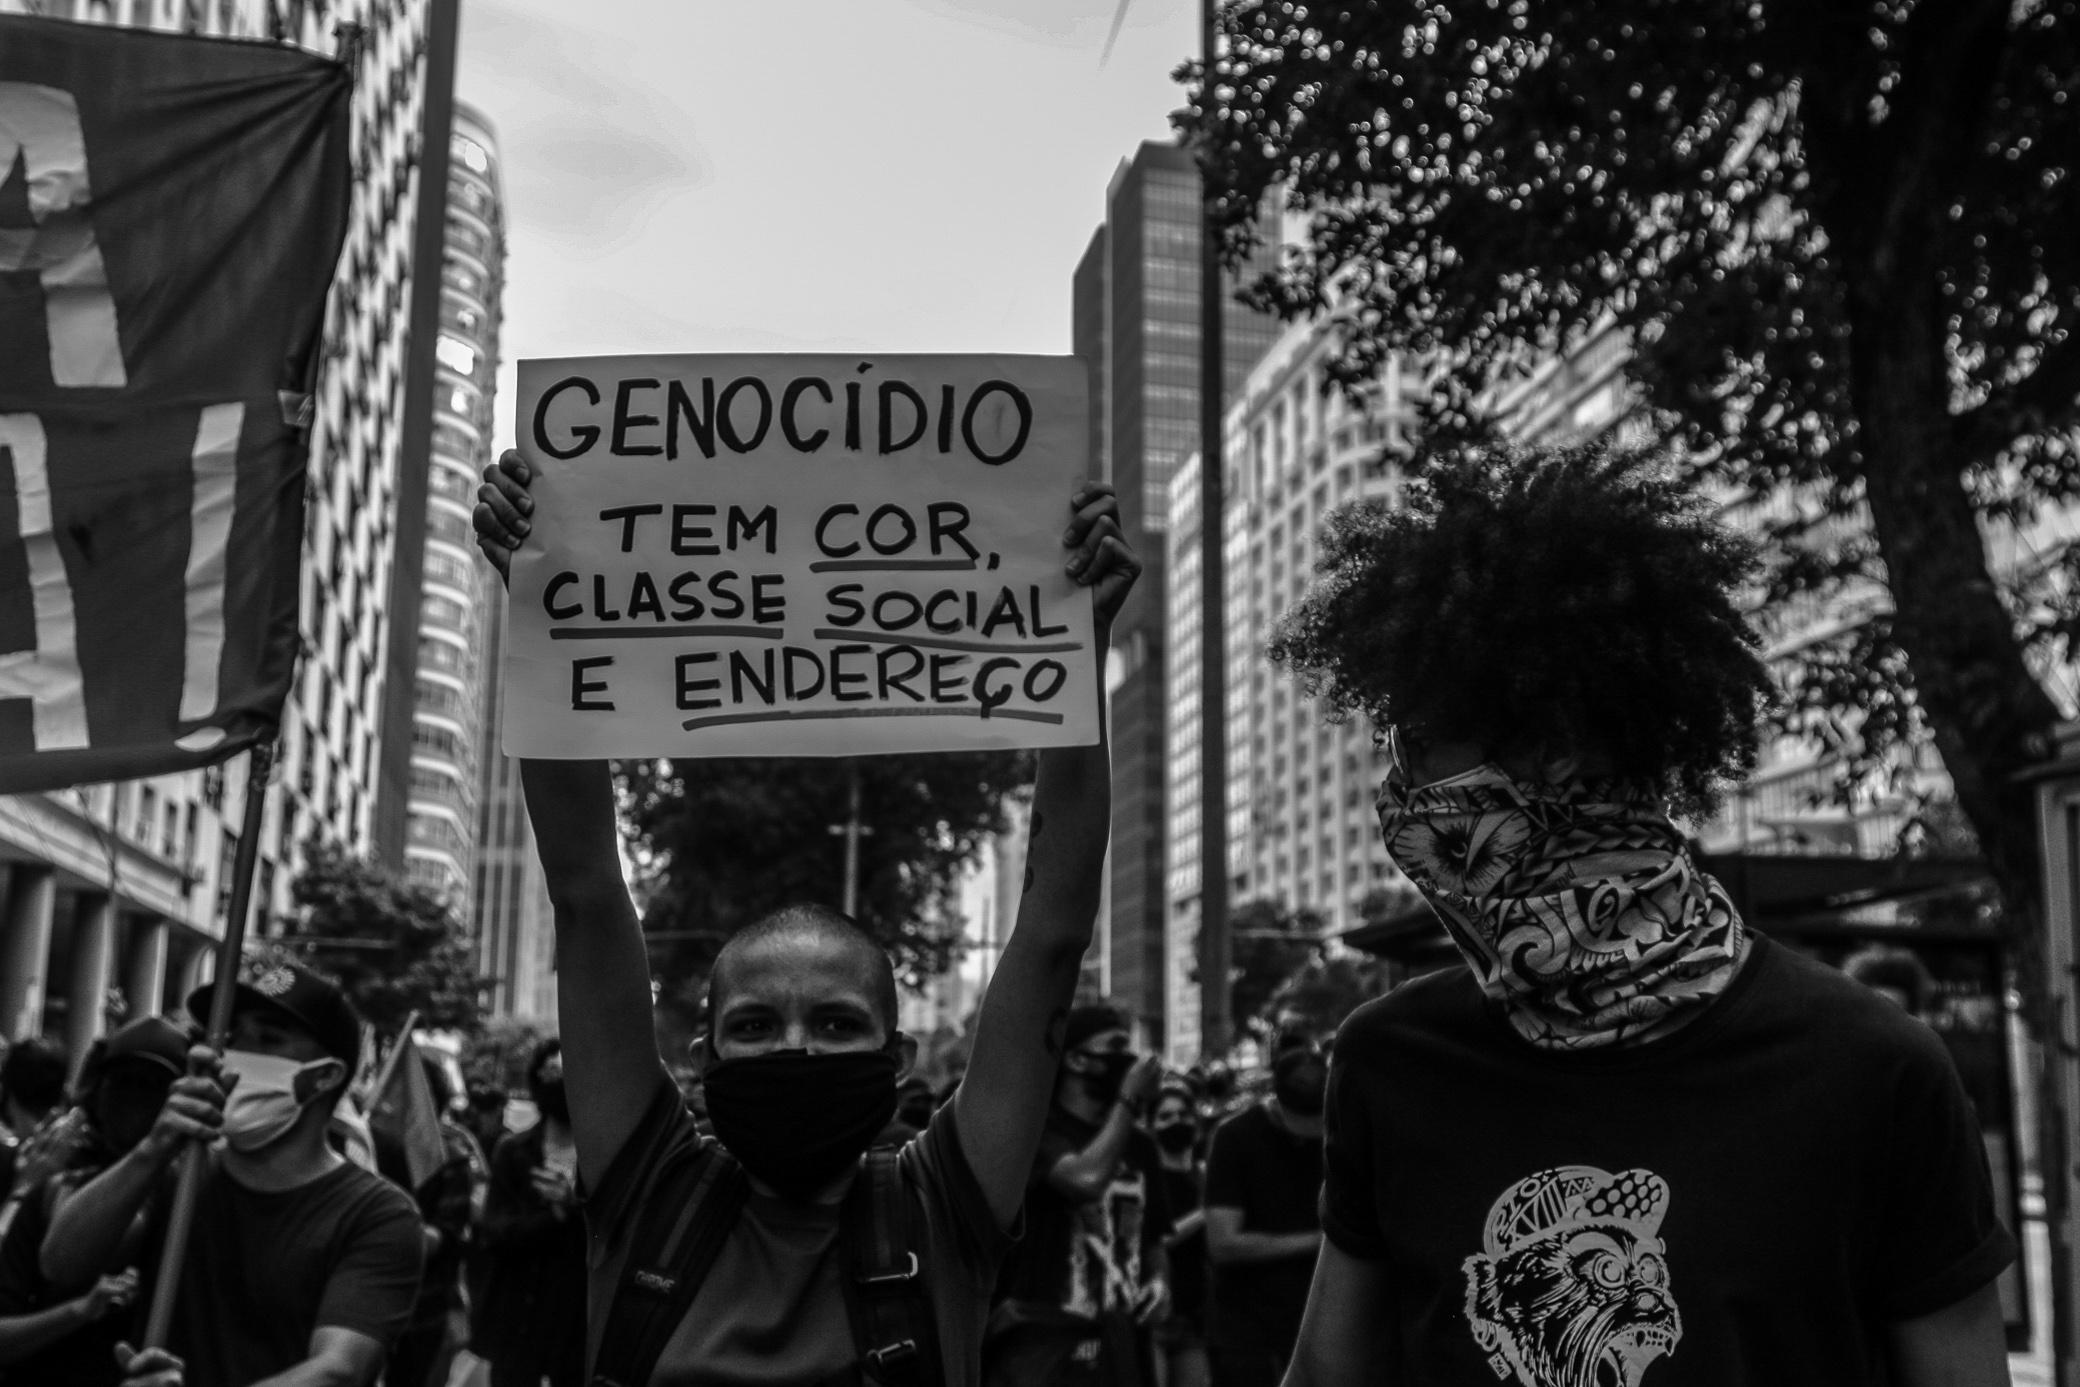 Manifestantes denunciam genocídio em protestos no Rio.